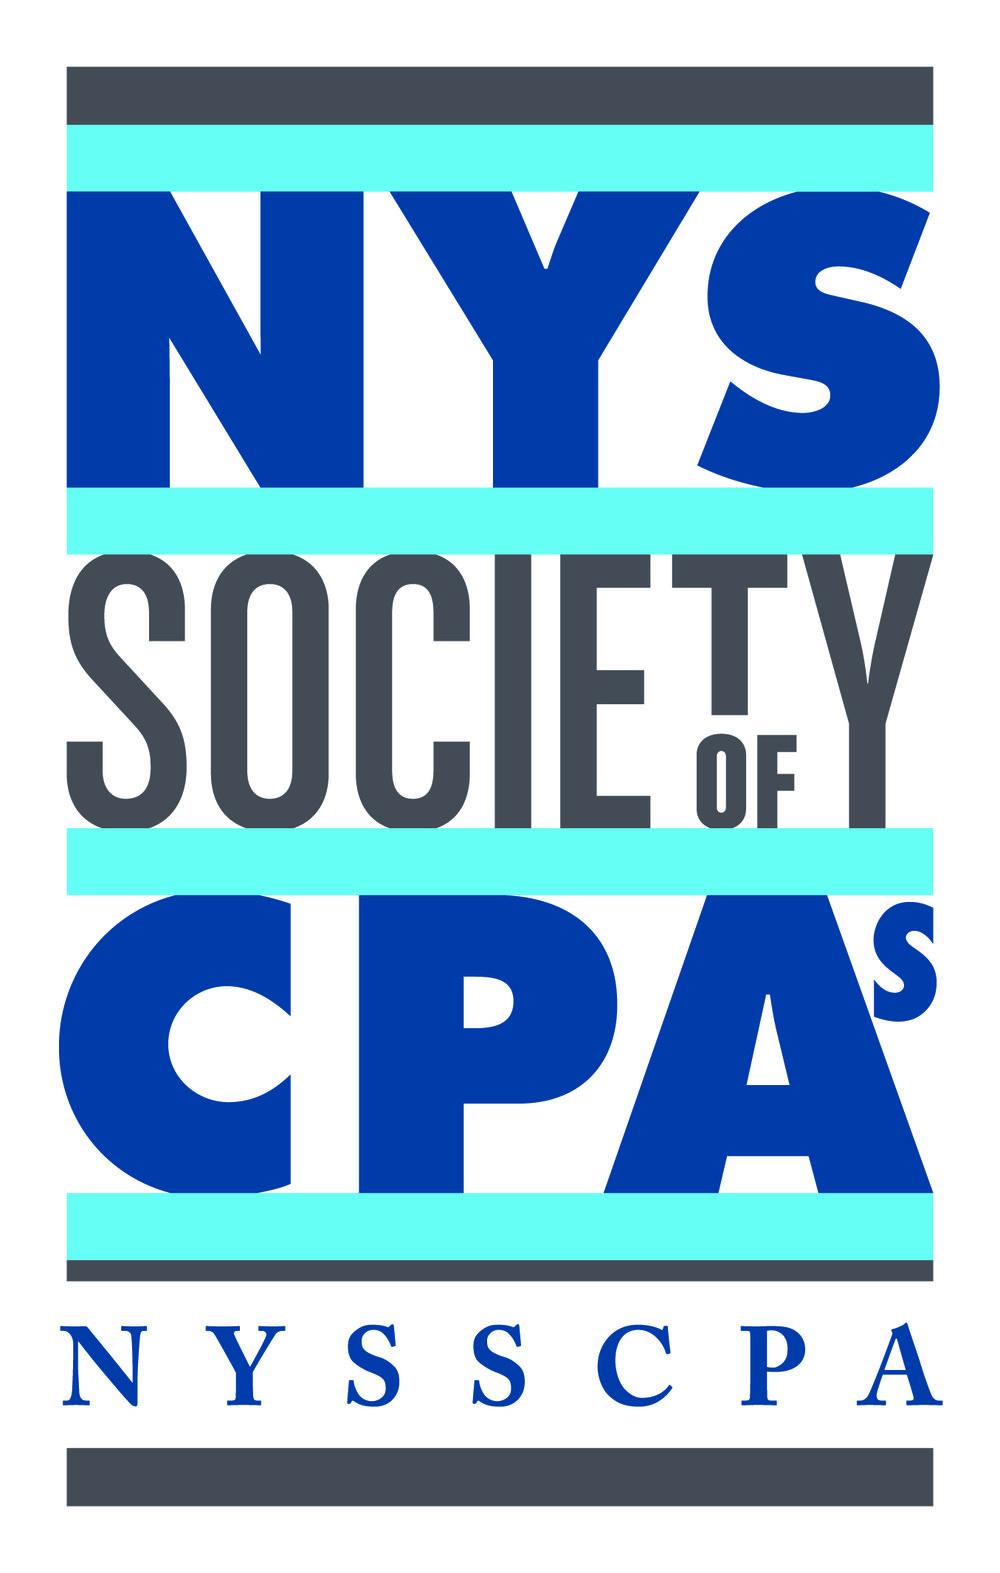 NYSSCPA_Logo_CMYK_Reverse (4).jpg